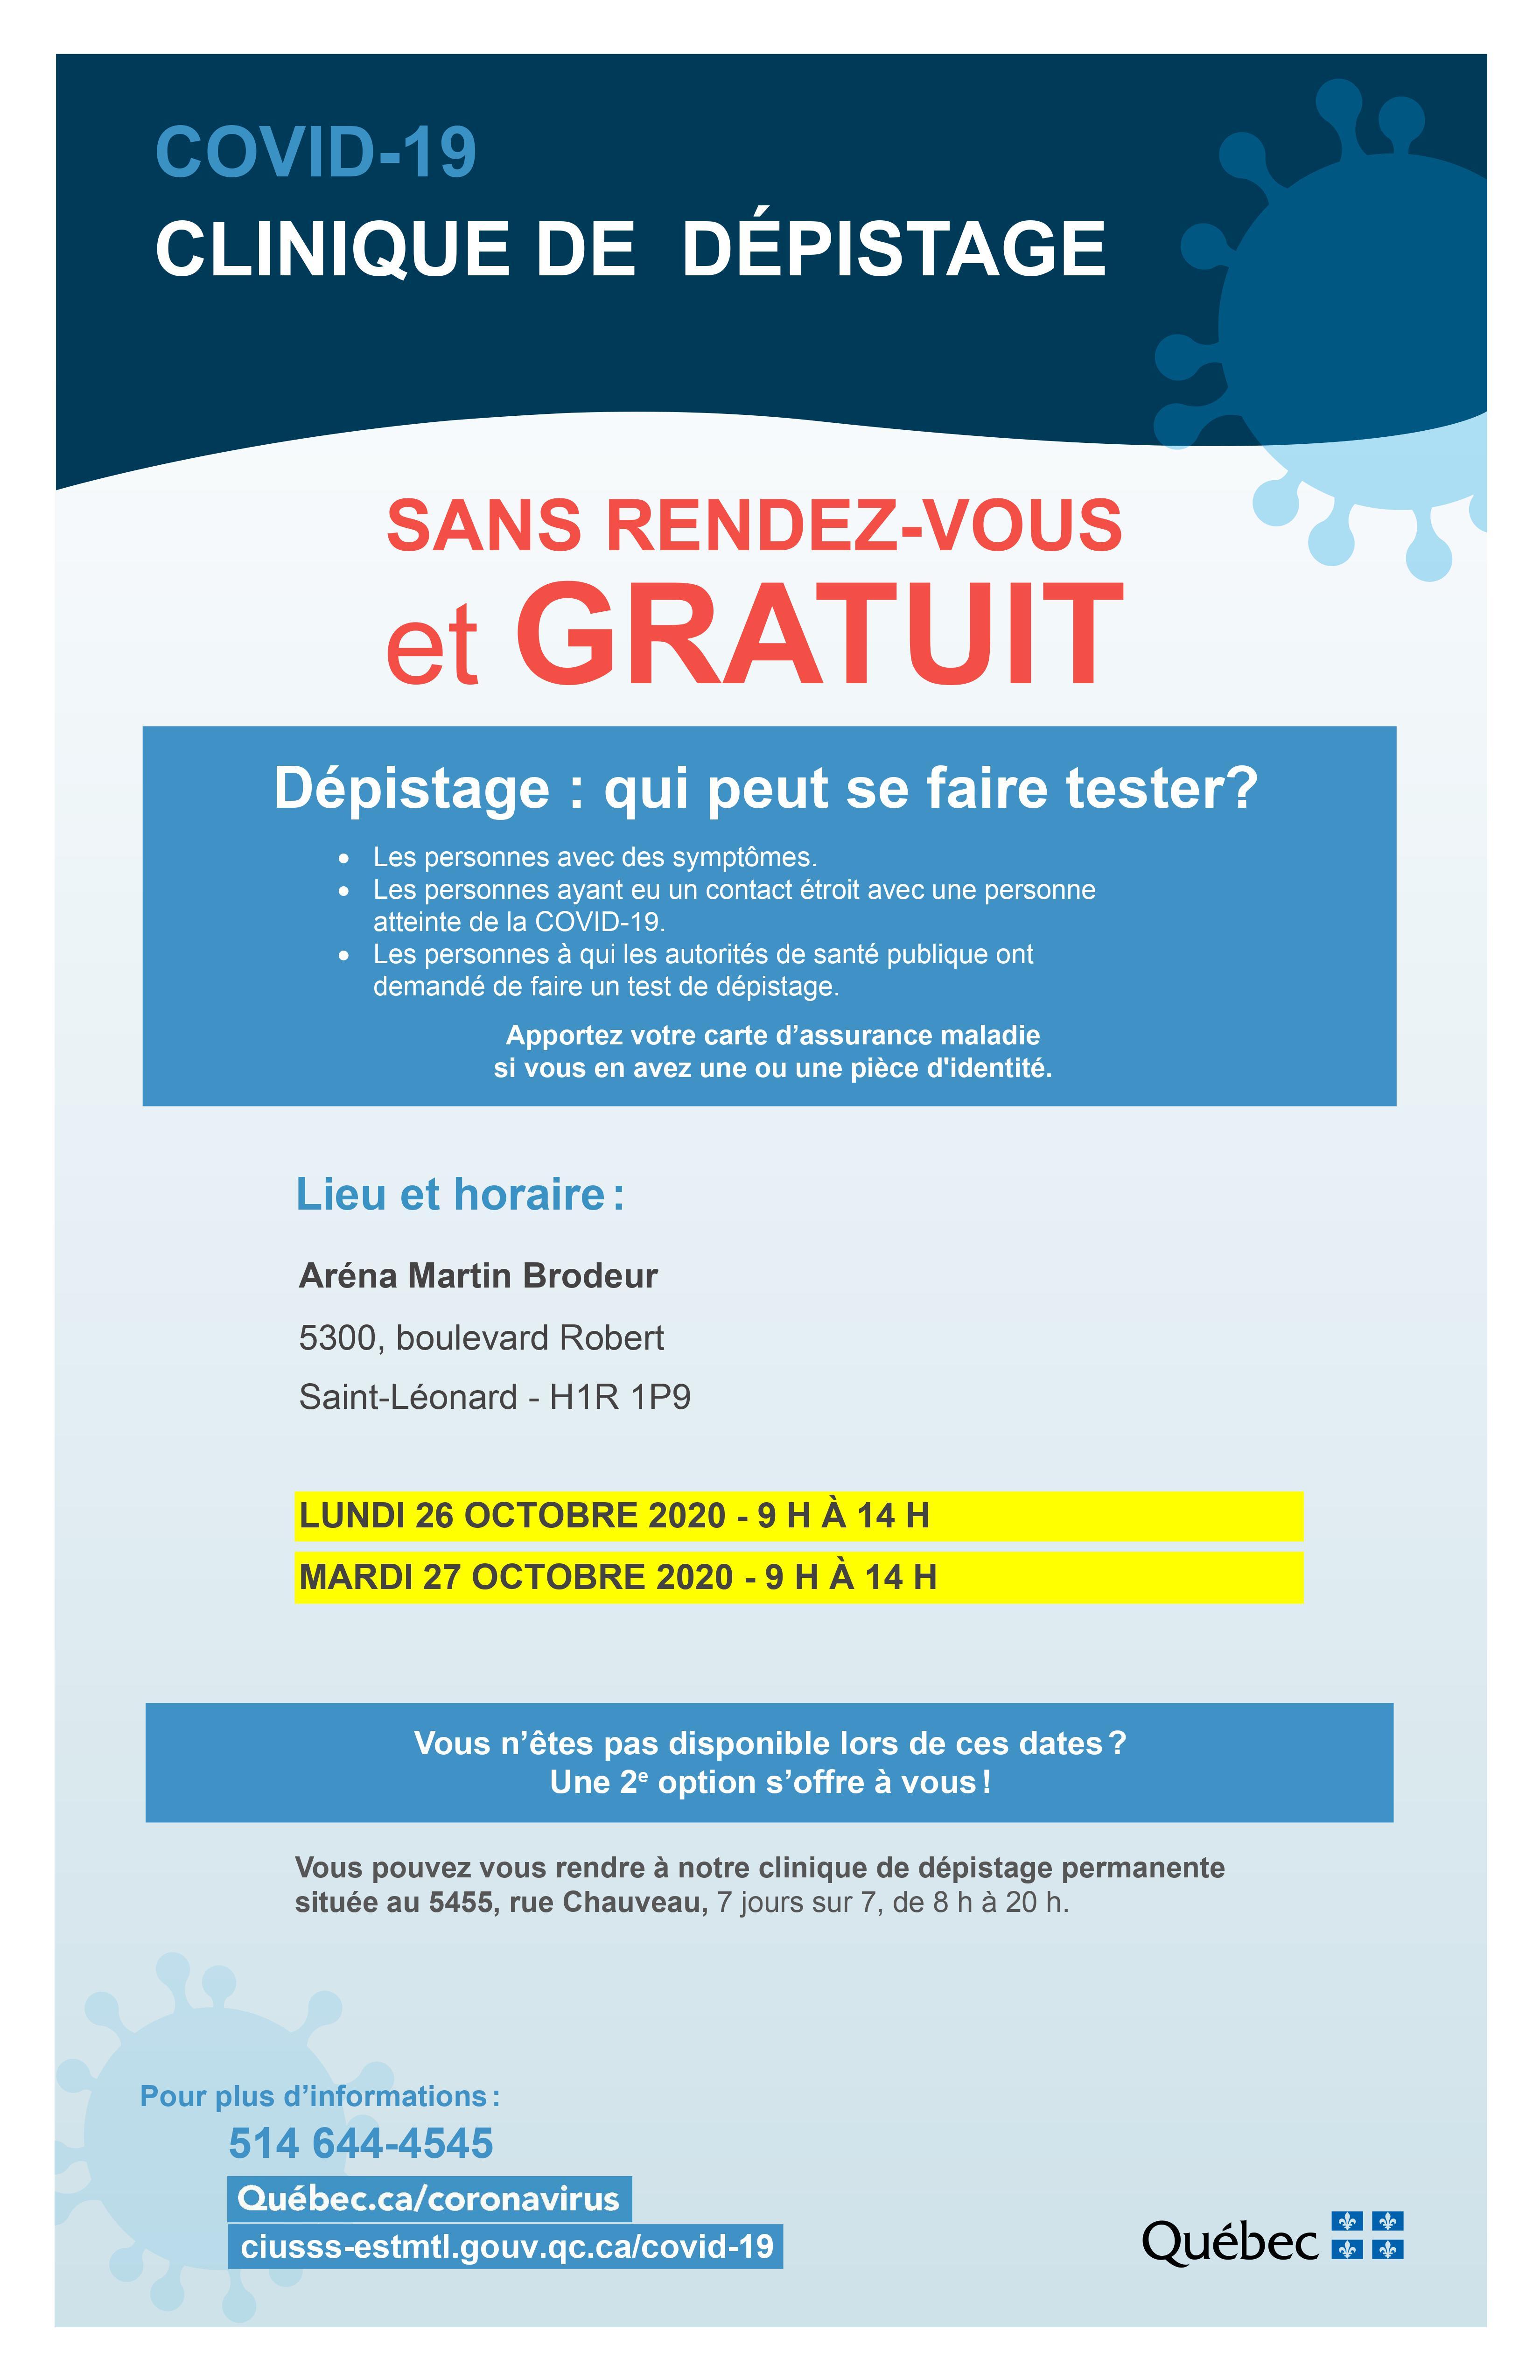 Affiche_Clinique_ArenaMartinBrodeur_26-27octobre